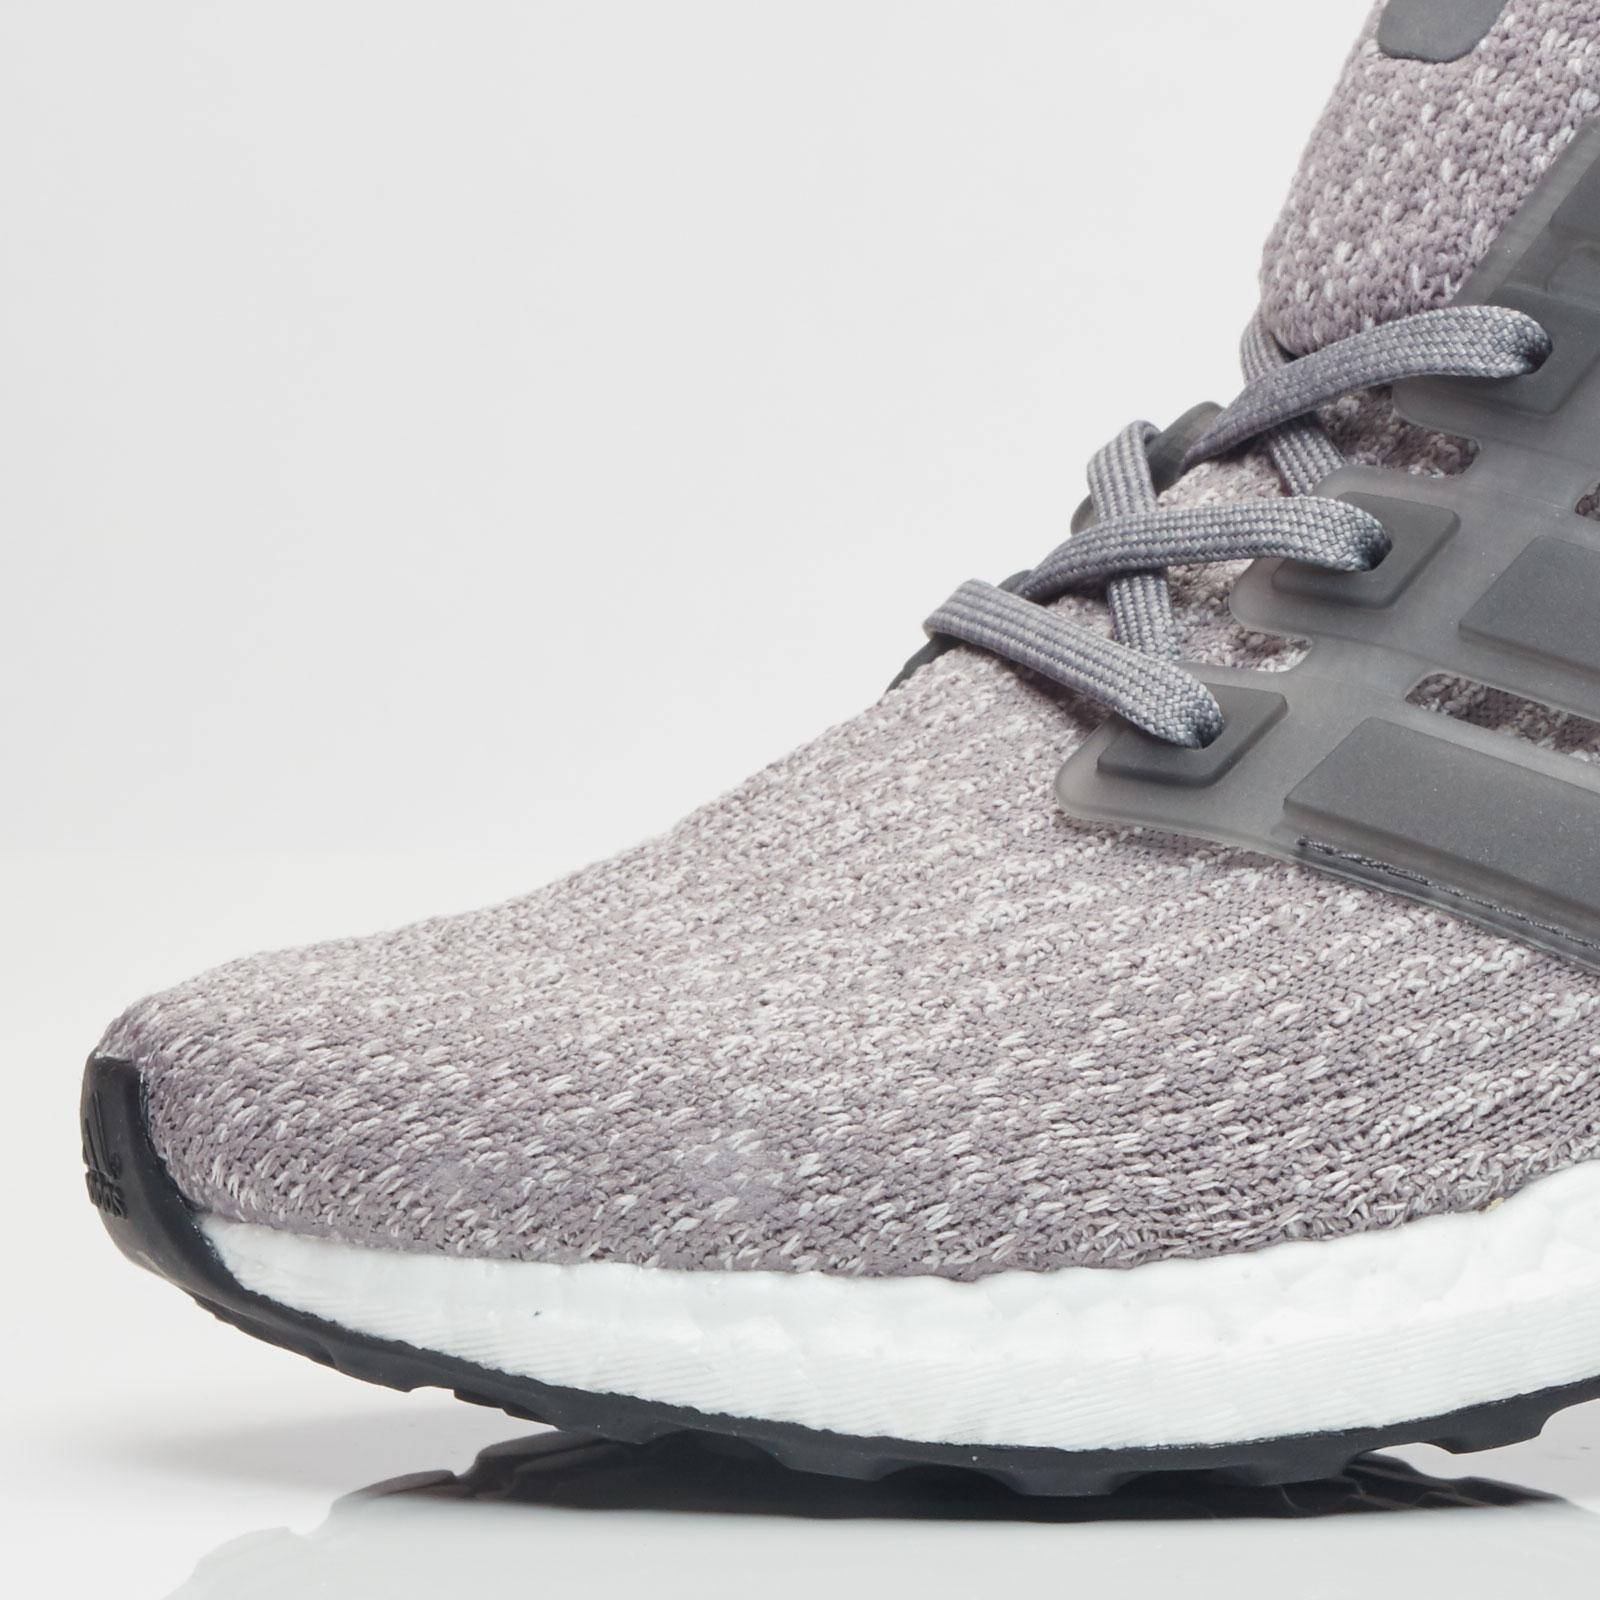 e06c18b691e0e adidas UltraBoost W - S82052 - Sneakersnstuff